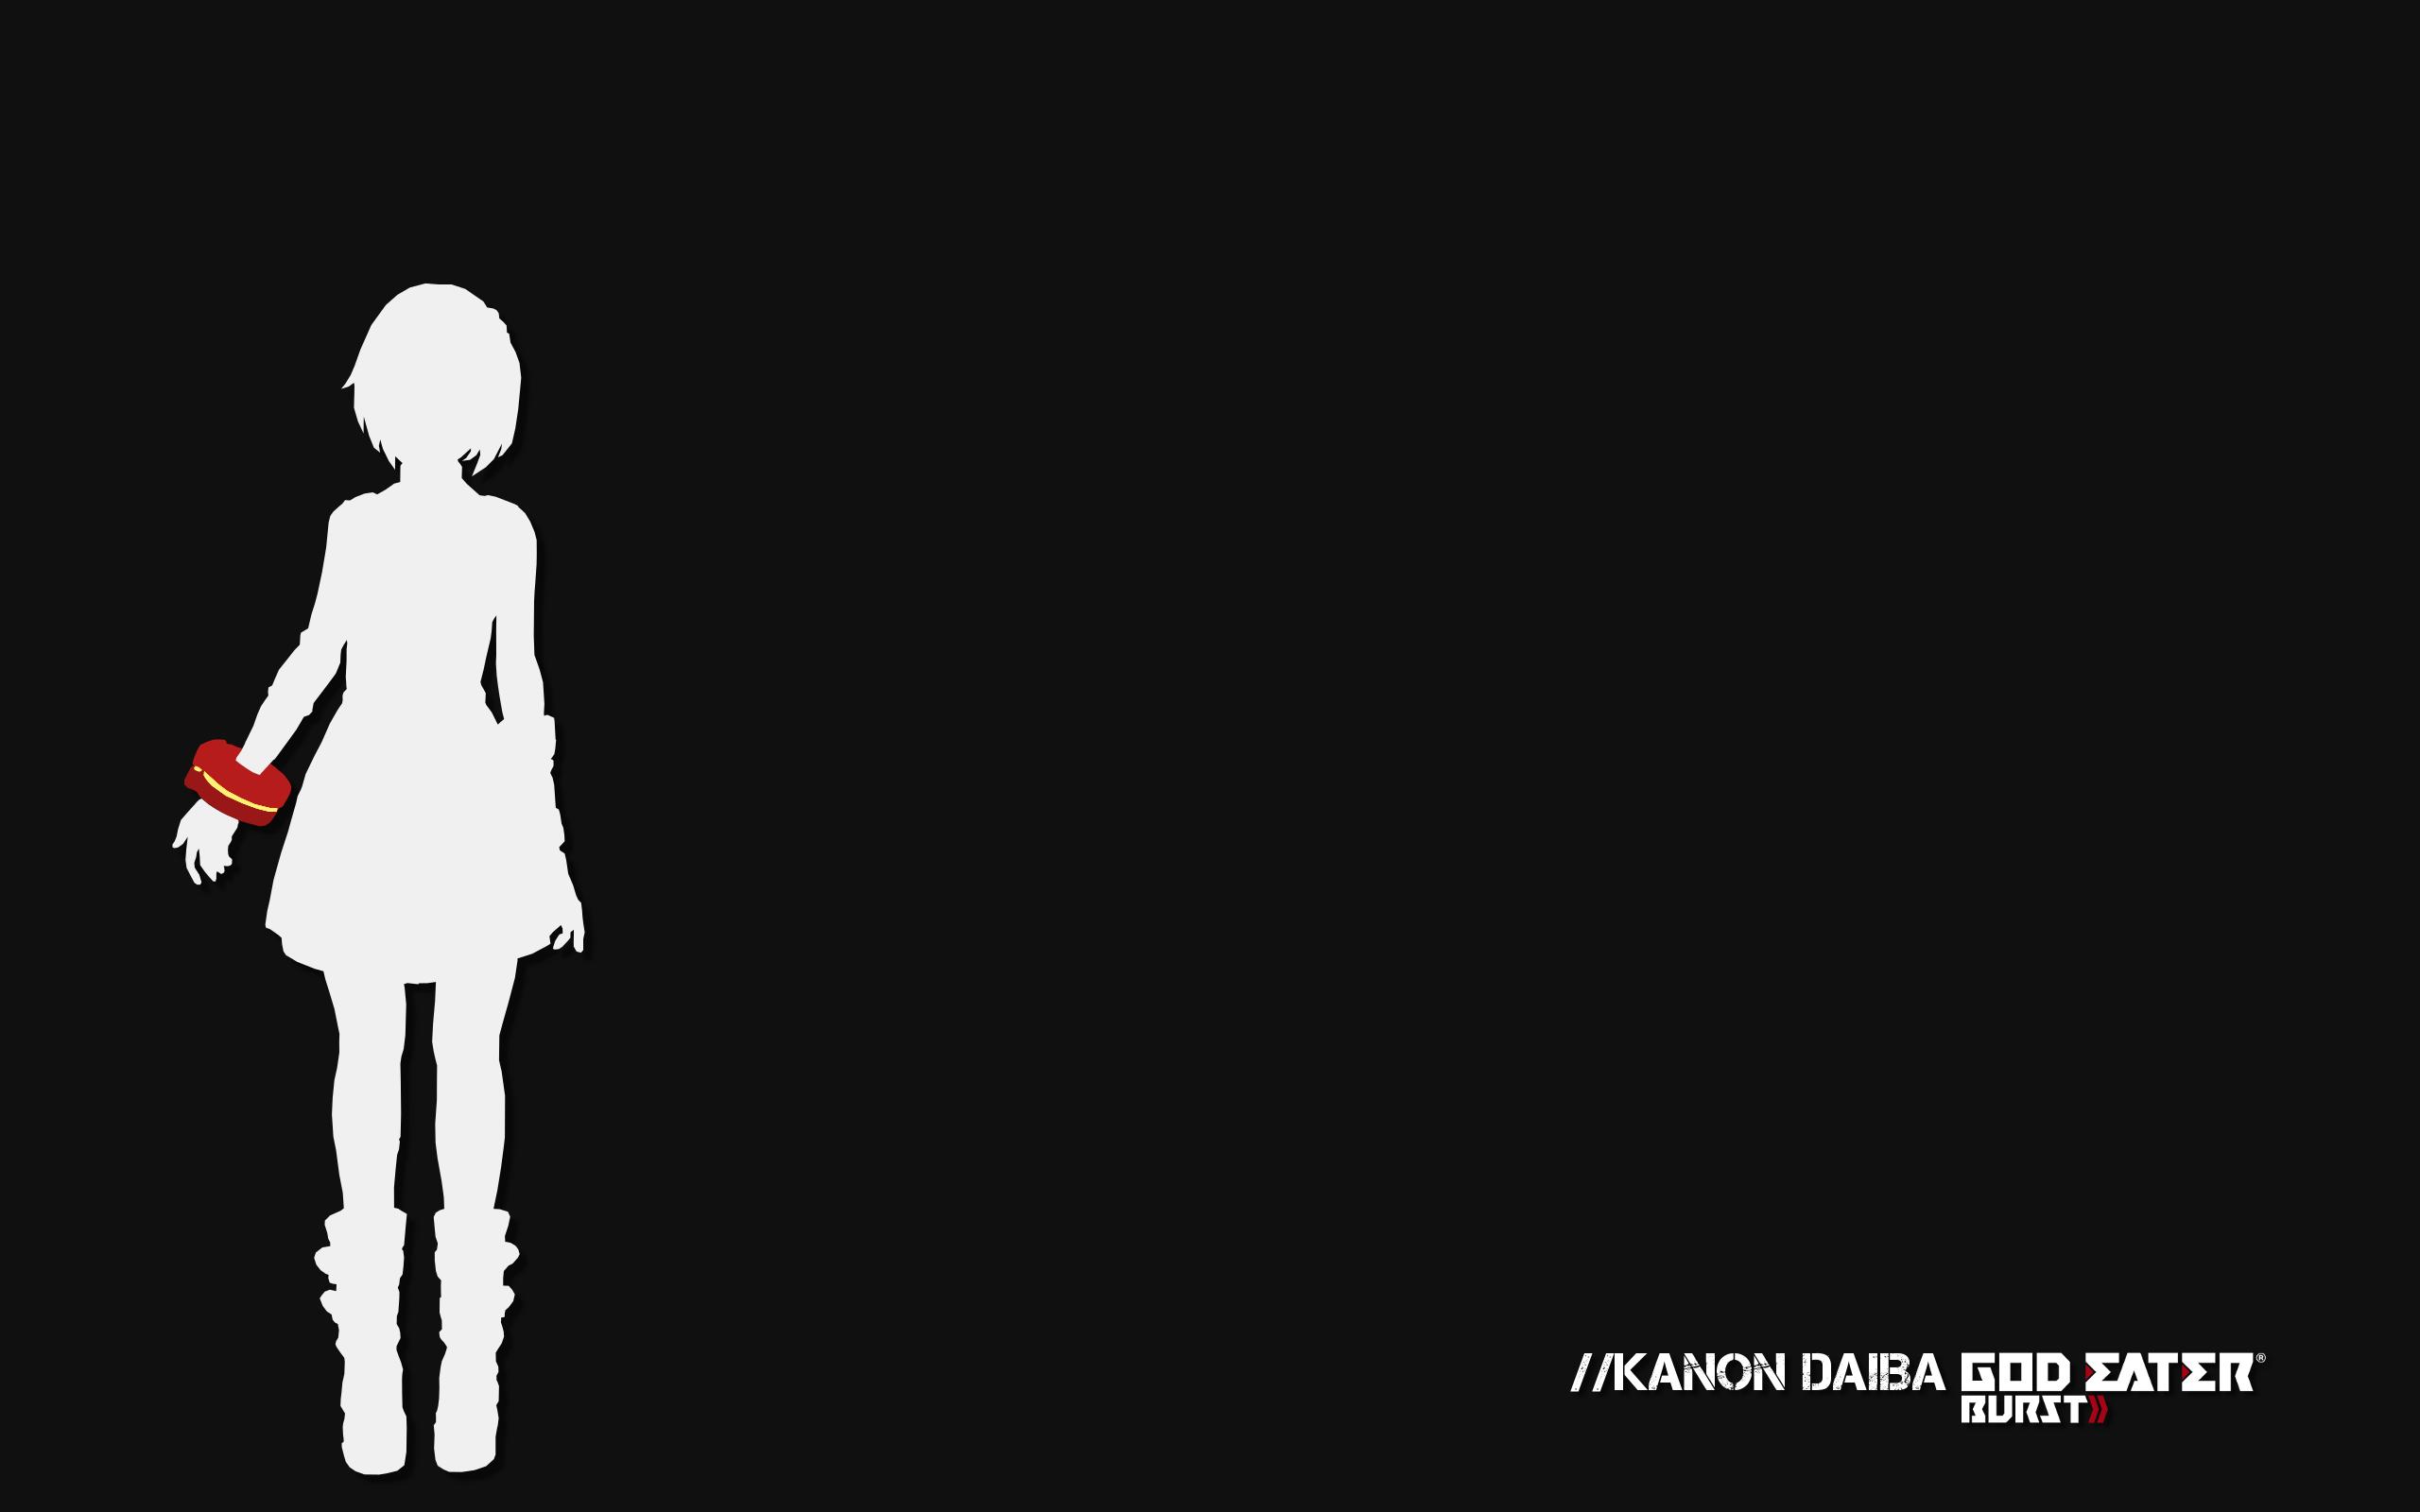 Kanon Daiba - Flat Wallpaper by mzpsh